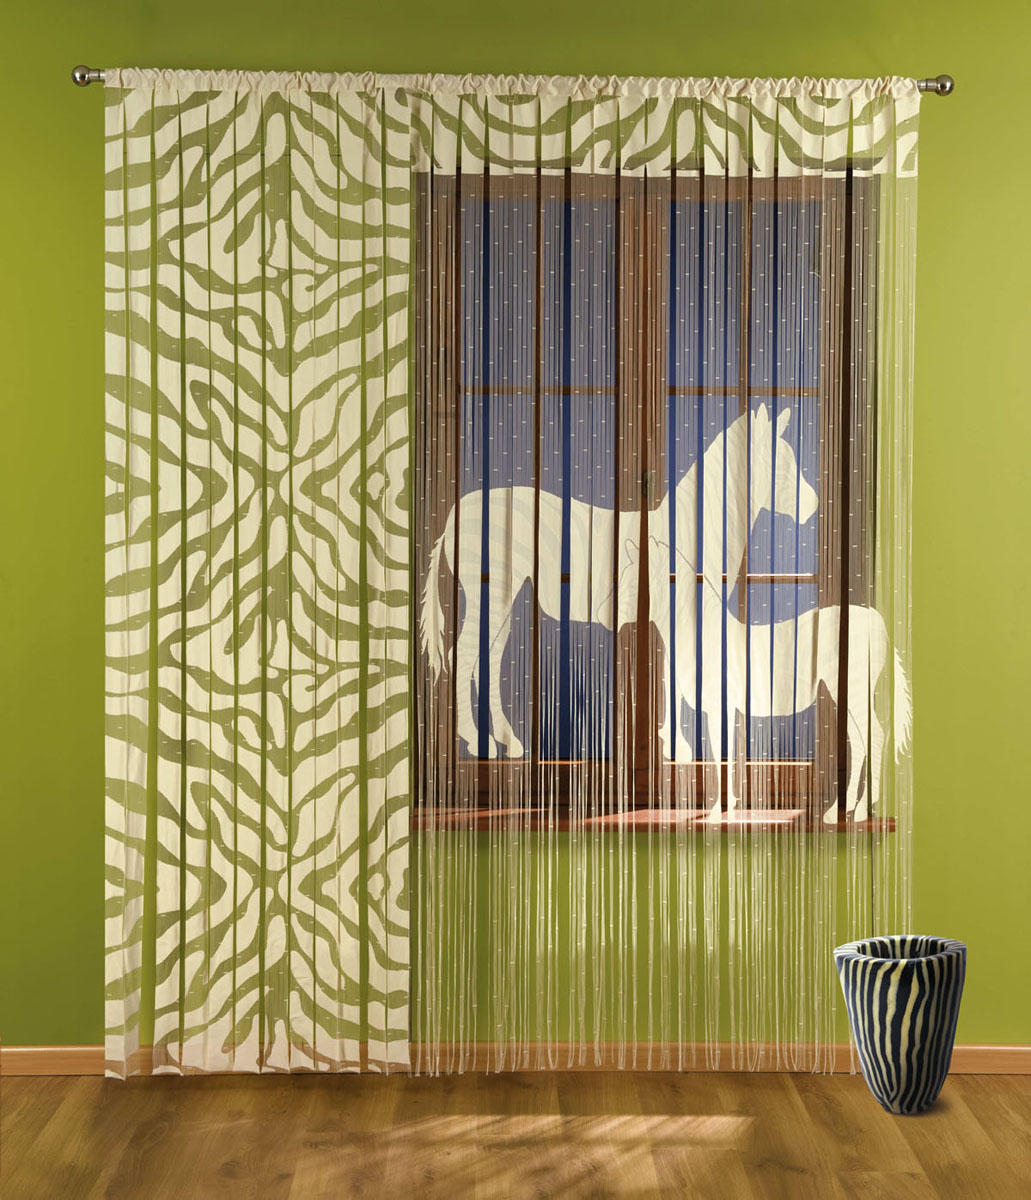 Гардина-лапша Zebra, на кулиске, цвет: бежевый, высота 240 см735709Гардина-лапша Zebra, изготовленная из полиэстера бежевого цвета, станет великолепным украшением окна, дверного проема и прекрасно послужит для разграничения пространства. Гардина имеет необычный оригинальный дизайн с принтом в виде полосок зебры, правая часть гардины оформлена мелкой бахромой. Гардина-лапша оснащена кулиской для крепления на круглый карниз. Характеристики:Материал: 100% полиэстер. Цвет: бежевый. Высота кулиски: 6,5 см. Размер упаковки:29 см х 35 см х 4 см. Артикул: 735709. В комплект входит: Гардина-лапша - 1 шт. Размер (ШхВ): 150 см х 240 см. Гардина-лапша - 1 шт. Размер (ШхВ): 90 см х 240 см. Фирма Wisan на польском рынке существует уже более пятидесяти лет и является одной из лучших польских фабрик по производству штор и тканей. Ассортимент фирмы представлен готовыми комплектами штор для гостиной, детской, кухни, а также текстилем для кухни (скатерти, салфетки, дорожки, кухонные занавески). Модельный ряд отличает оригинальный дизайн, высокое качество. Ассортимент продукции постоянно пополняется.